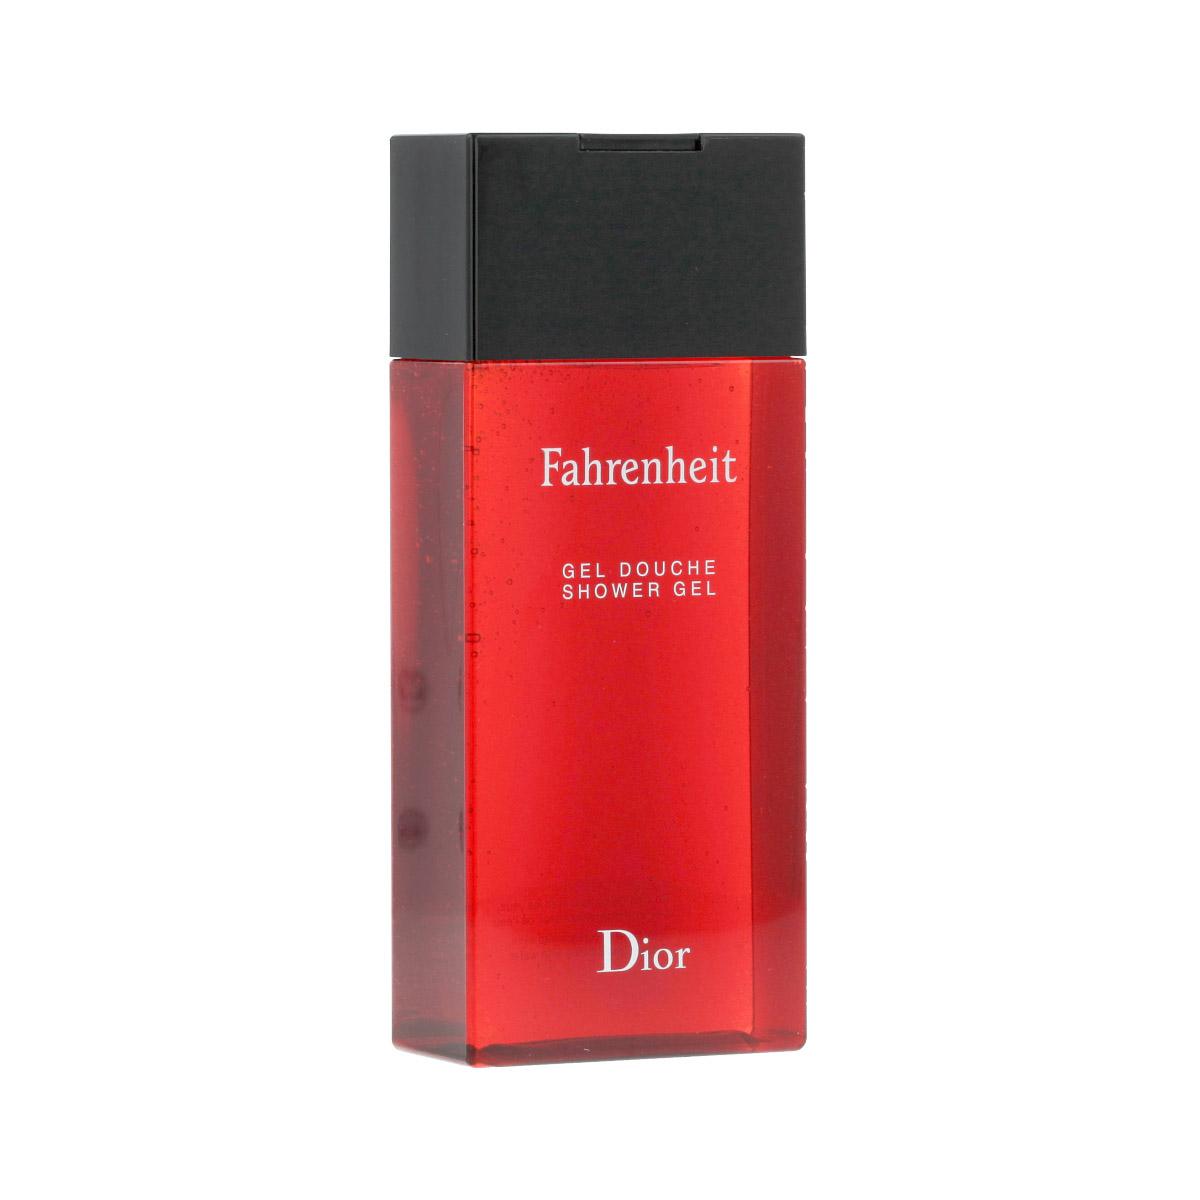 Dior Christian Fahrenheit Duschgel 200 ml (man) 84959